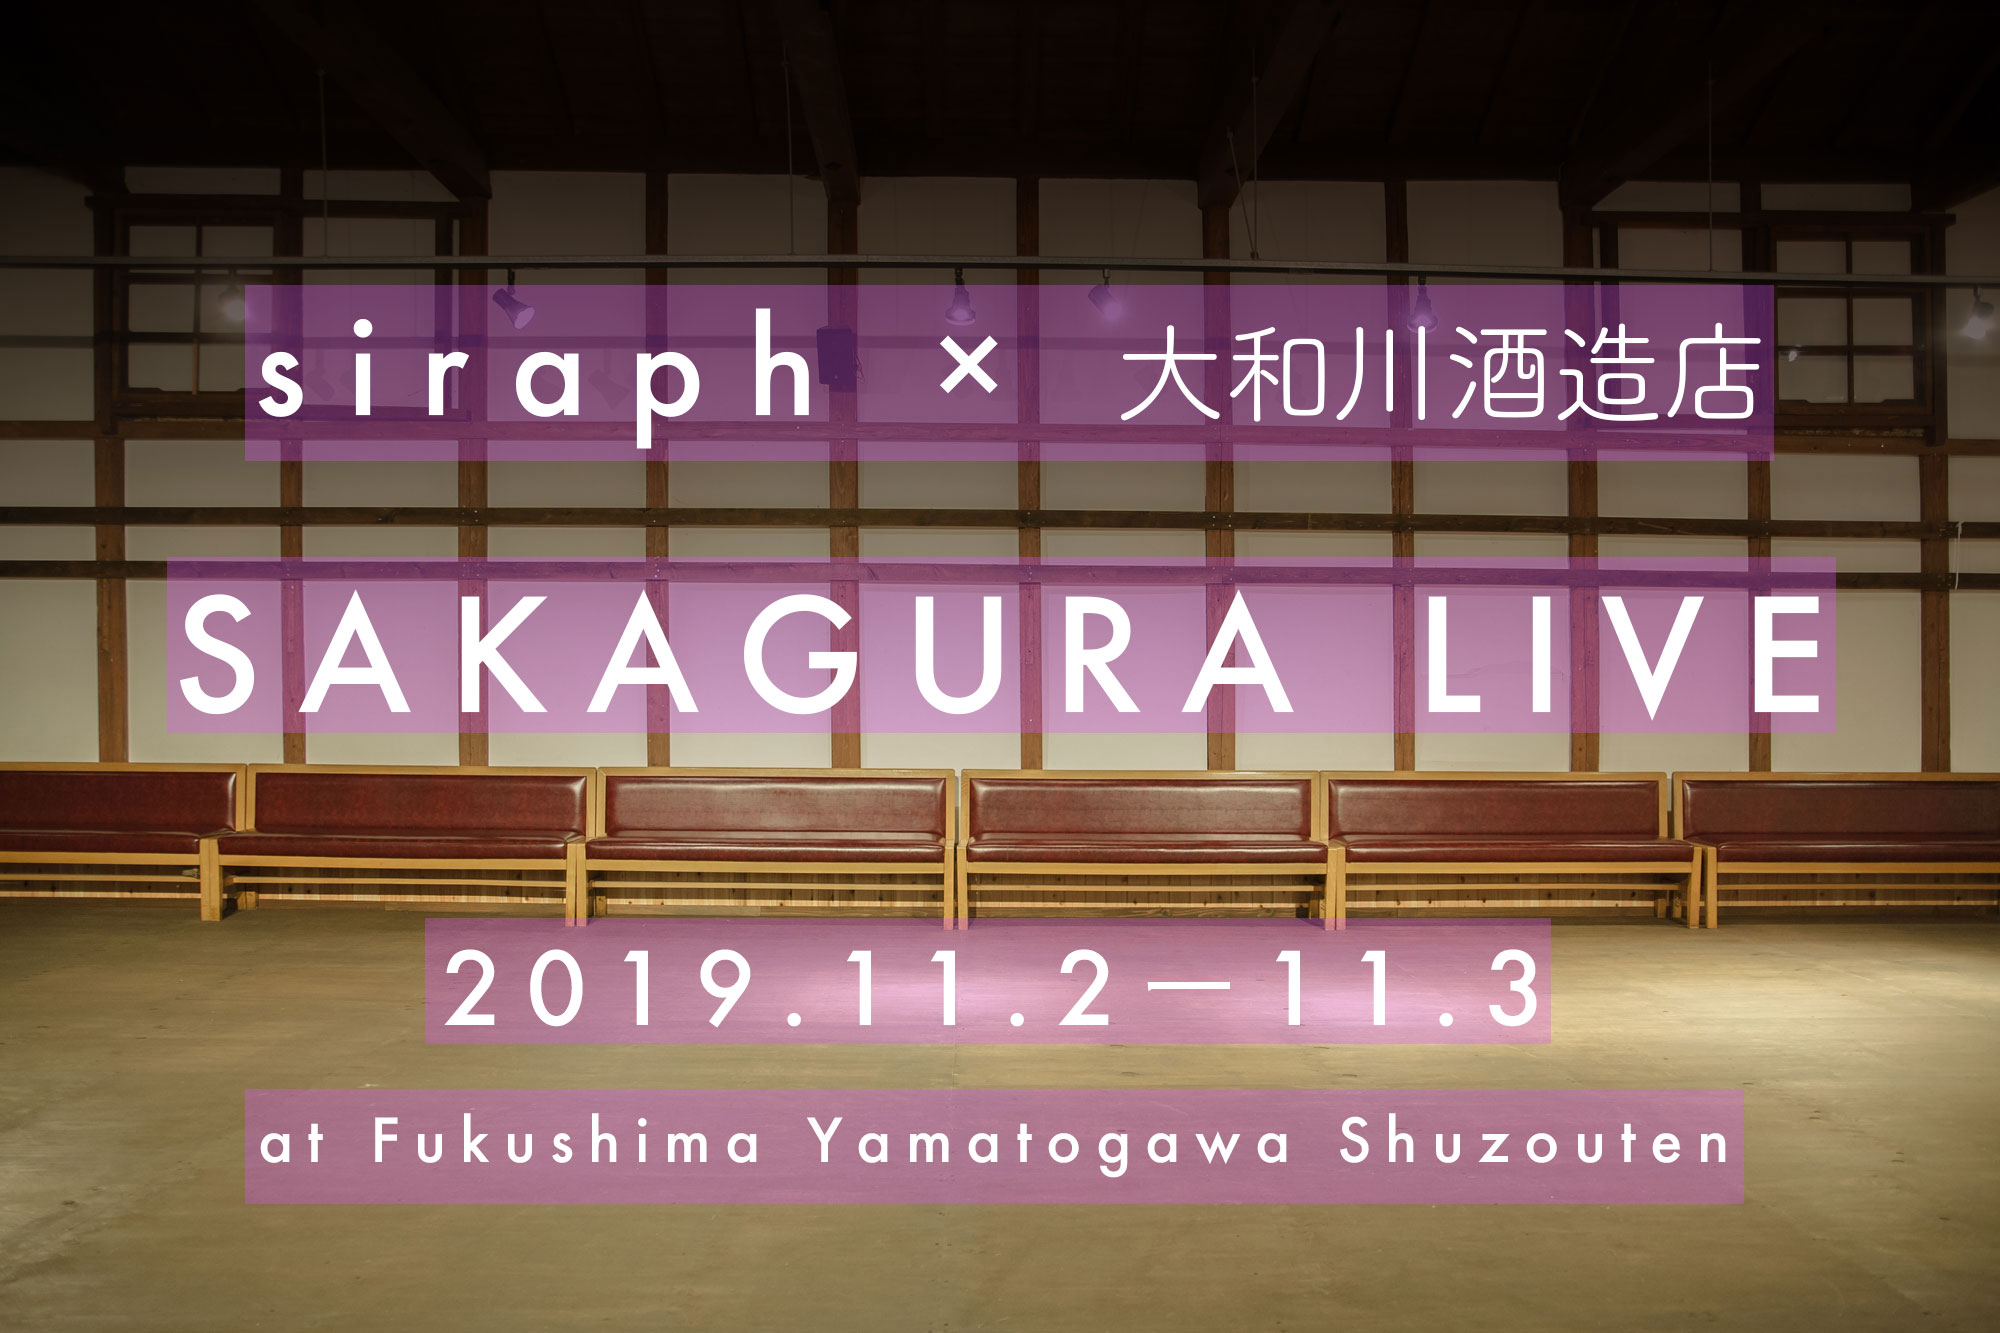 SAKAGURA LIVE